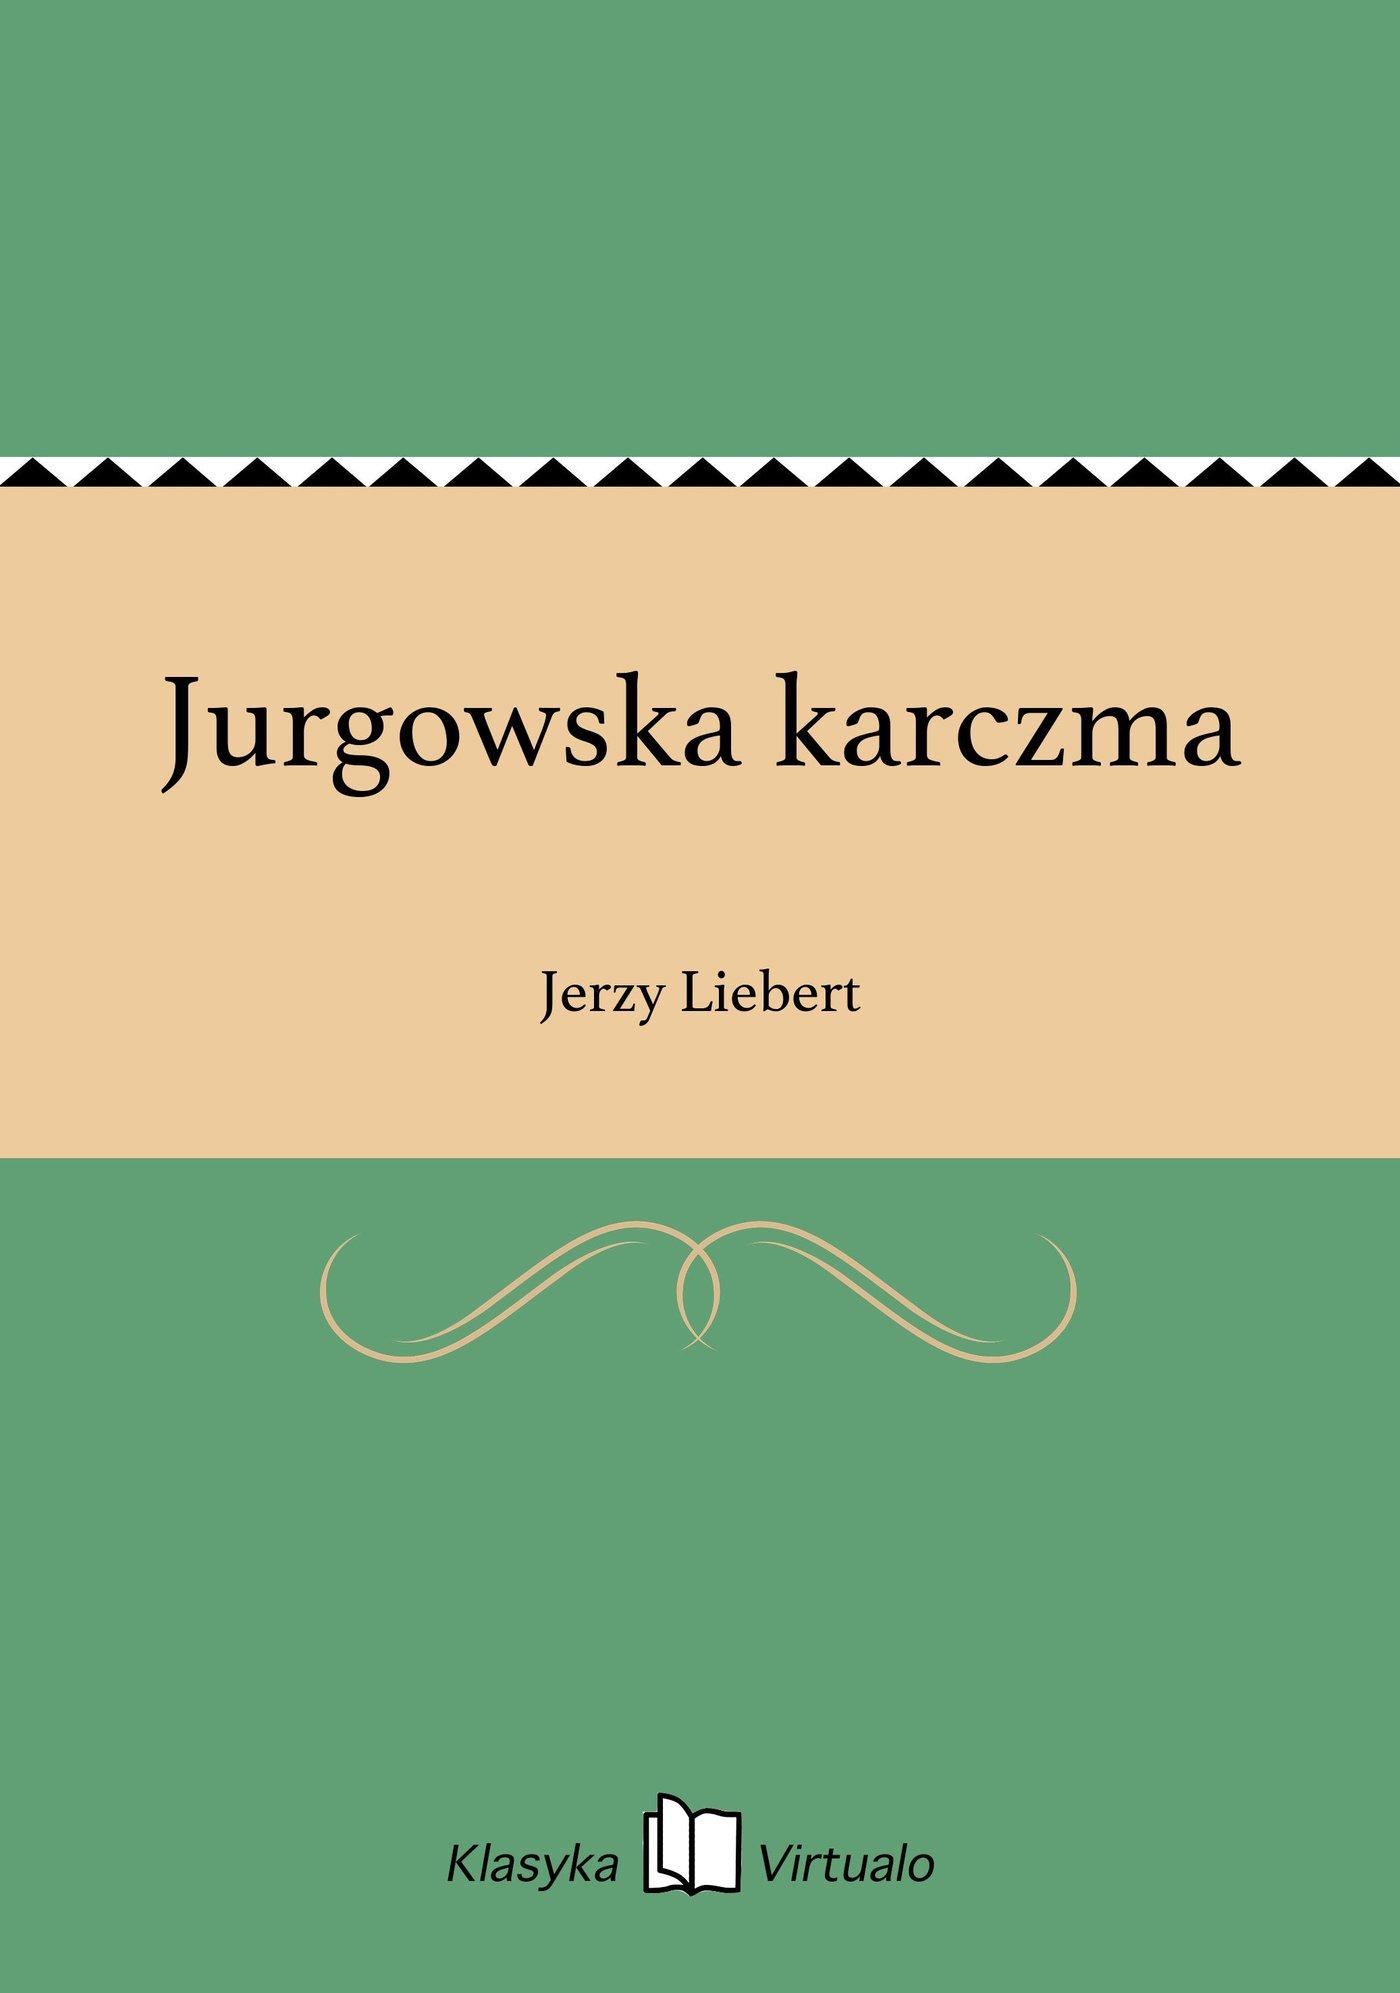 Jurgowska karczma - Ebook (Książka EPUB) do pobrania w formacie EPUB